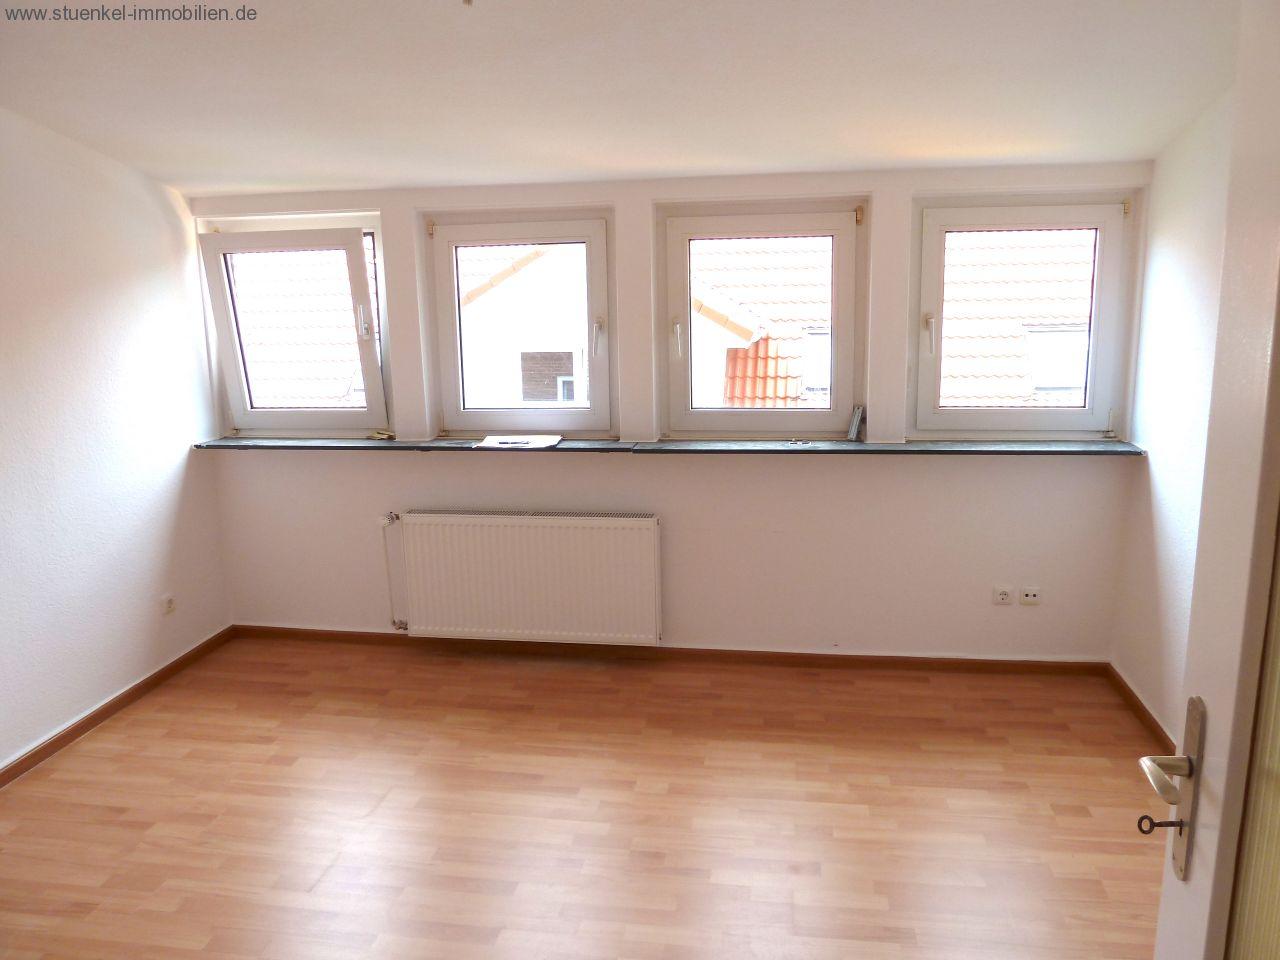 Vermittelte objekte neustadt moderne 3 zimmer wohnung for Wohnzimmer neustadt